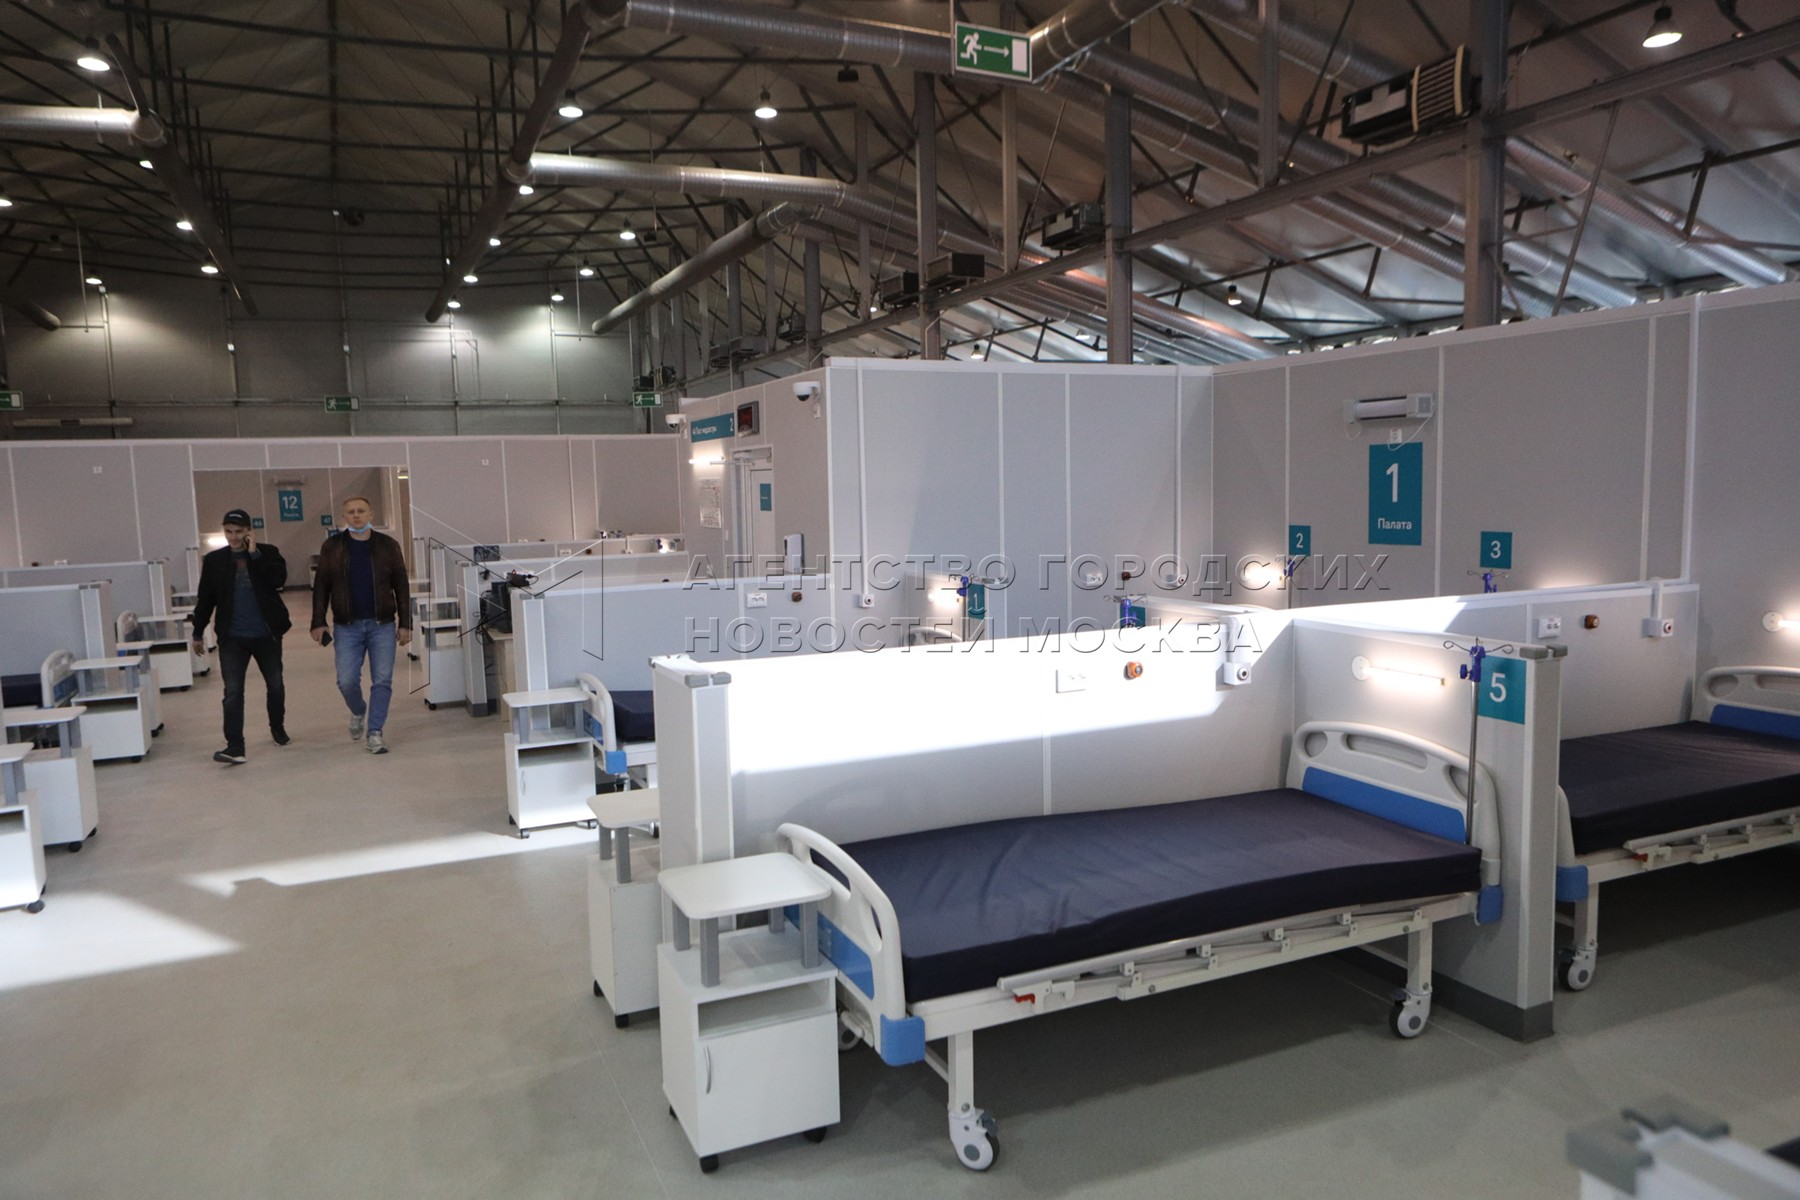 Временный госпиталь для больных коронавирусом в конгрессно-выставочном центре «Сокольники».